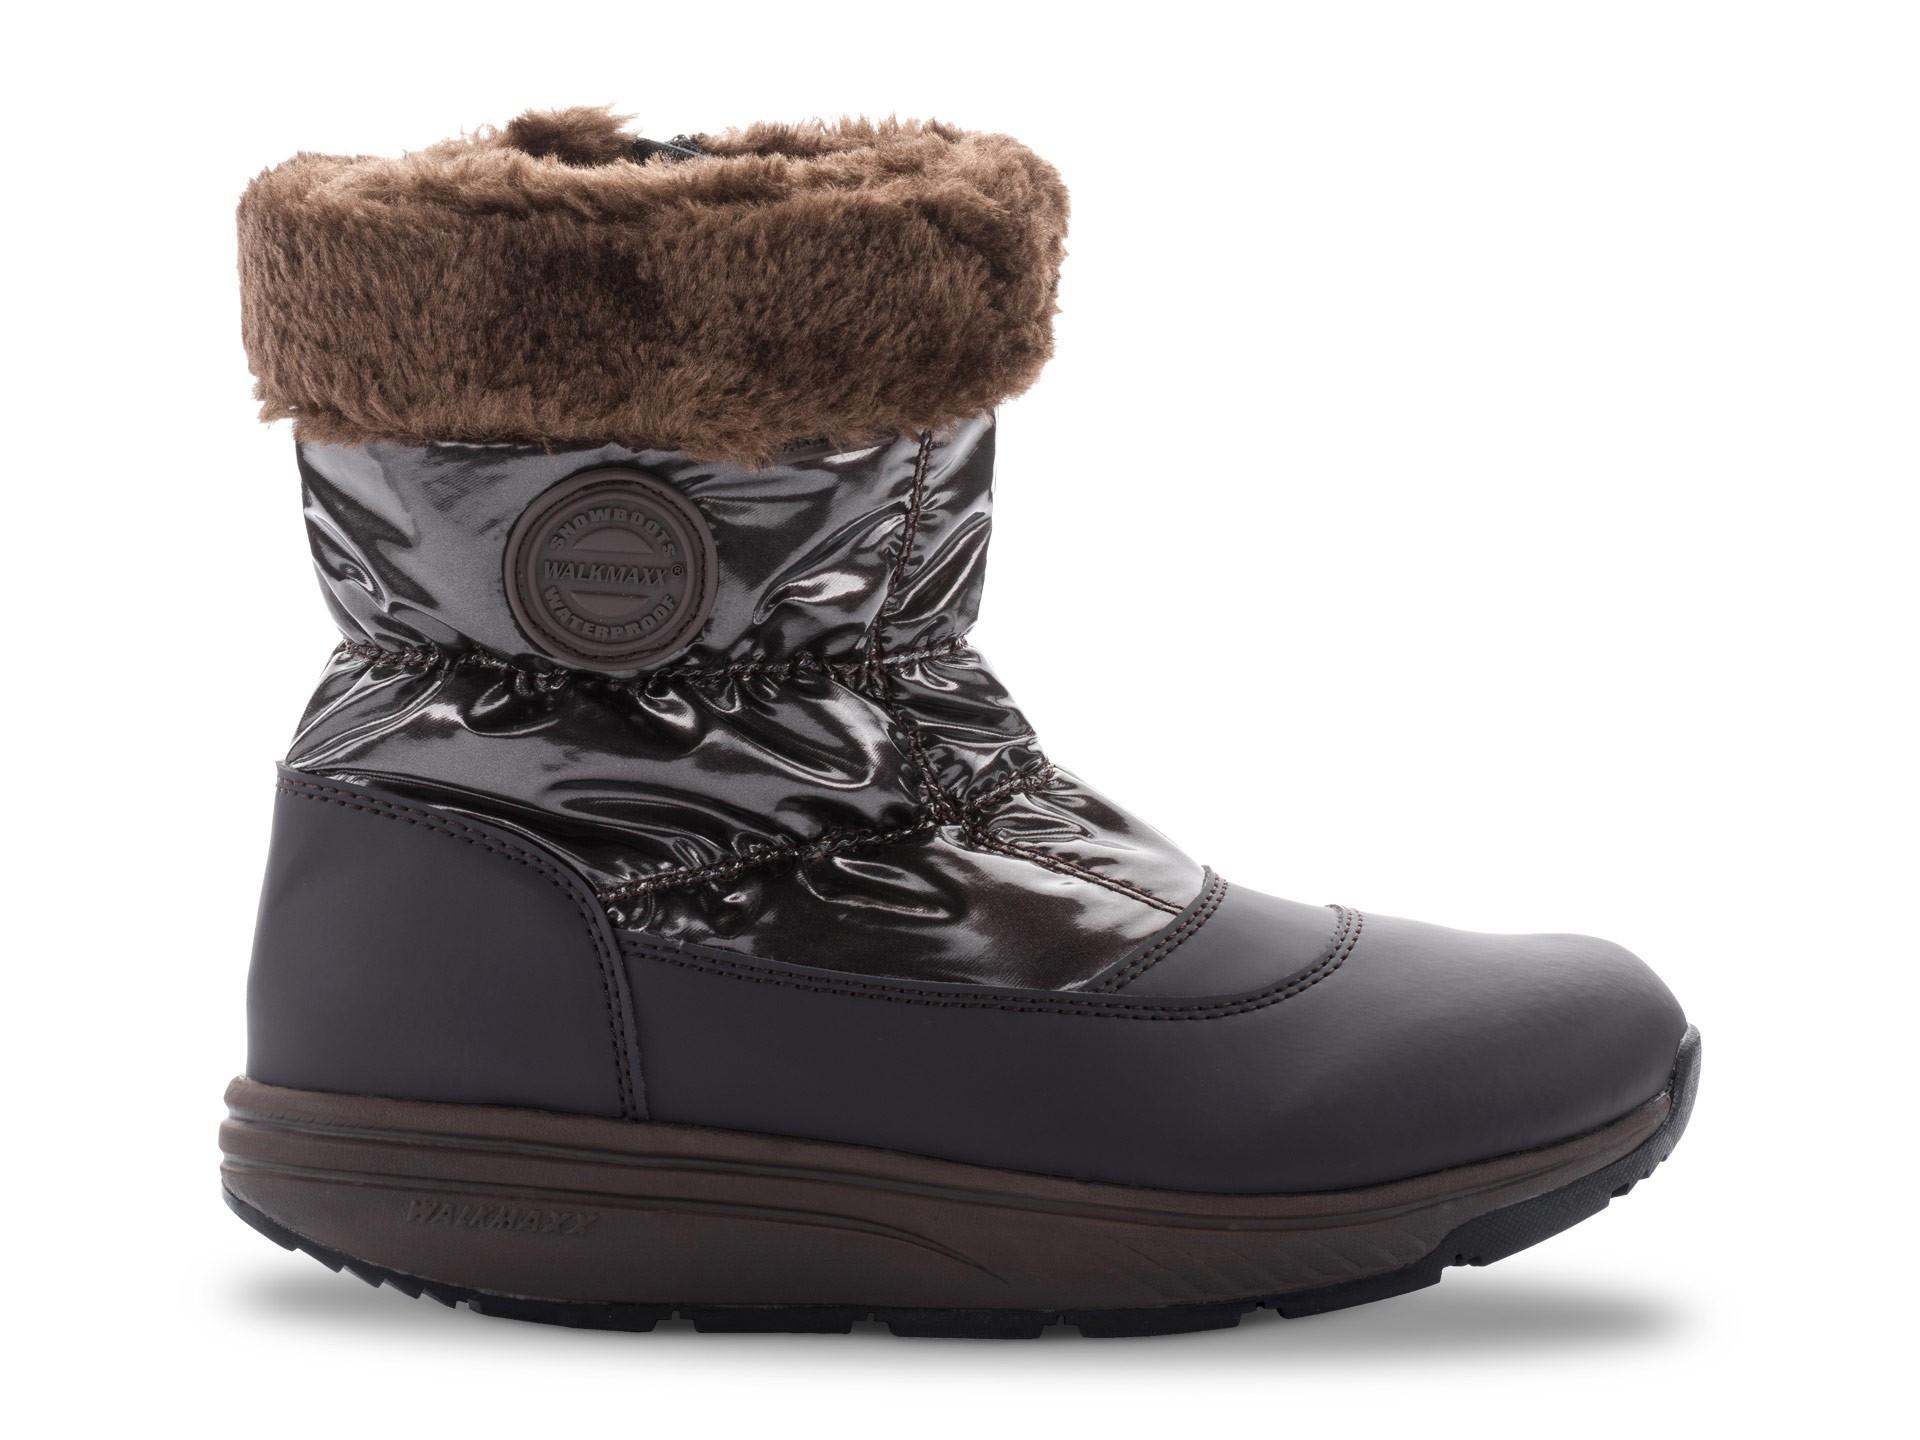 2df770f420f184 Жіночі зимові чоботи низькі 3.0 Comfort Comfort